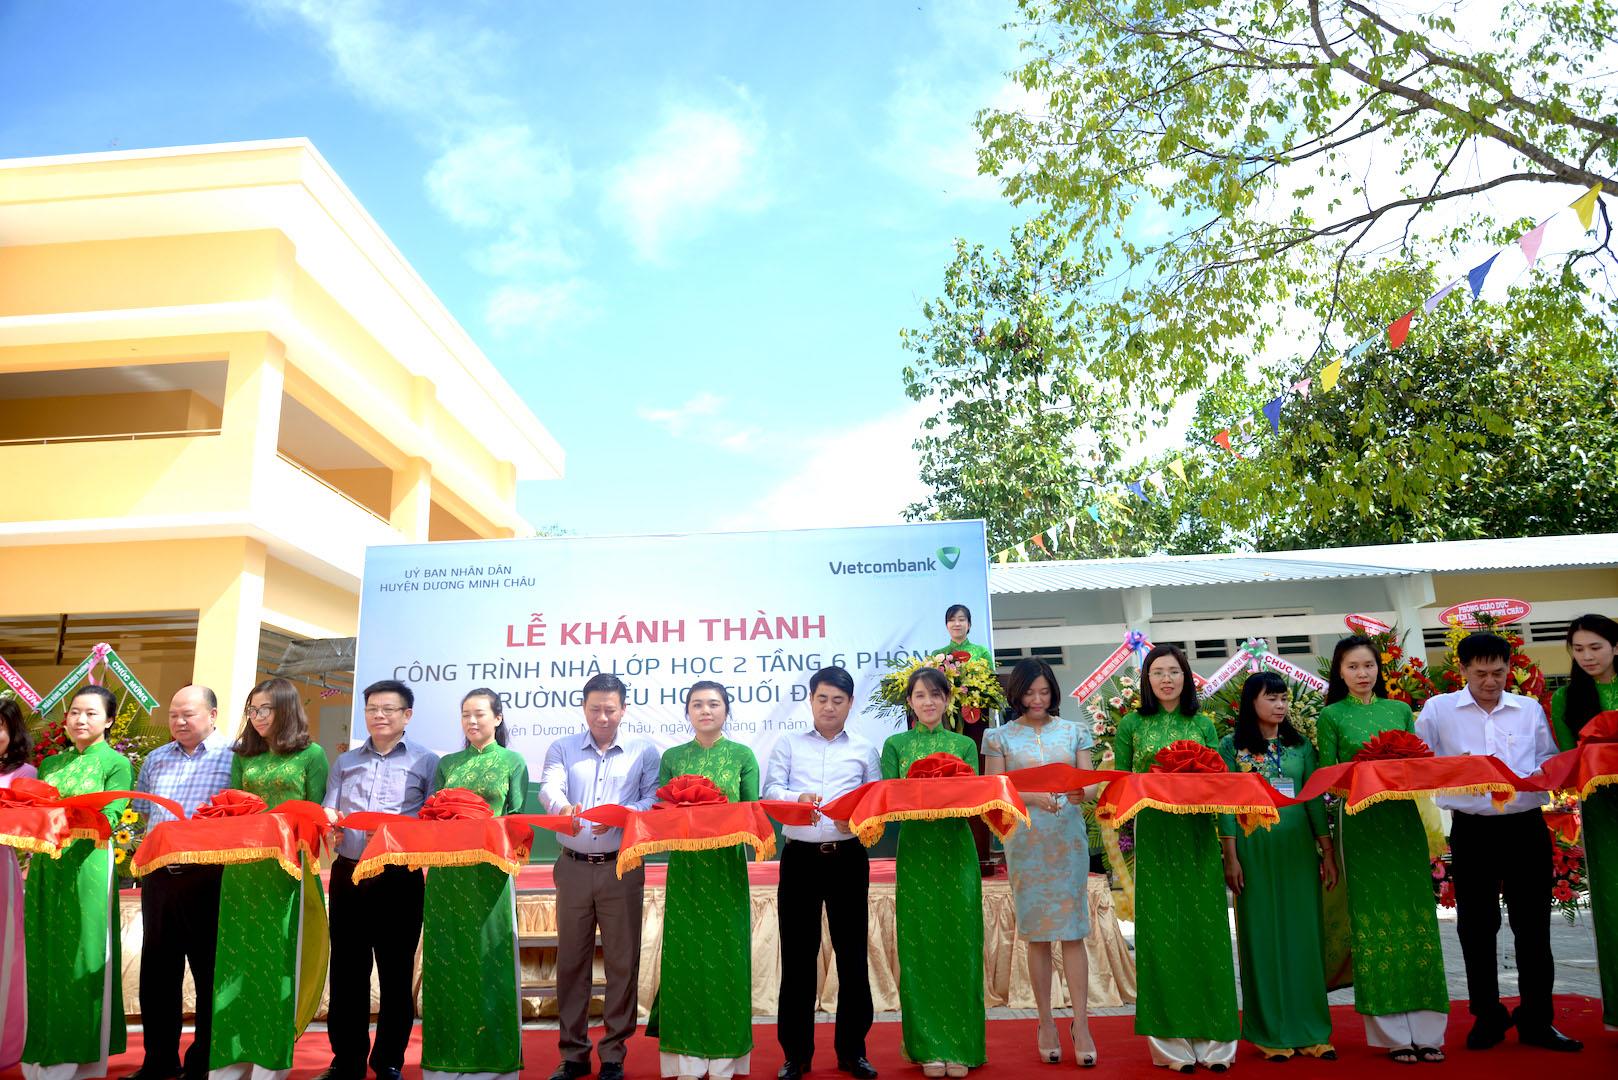 Vietcombank tài trợ 4 tỷ đồng xây trường cho huyện nghèo ở Tây Ninh